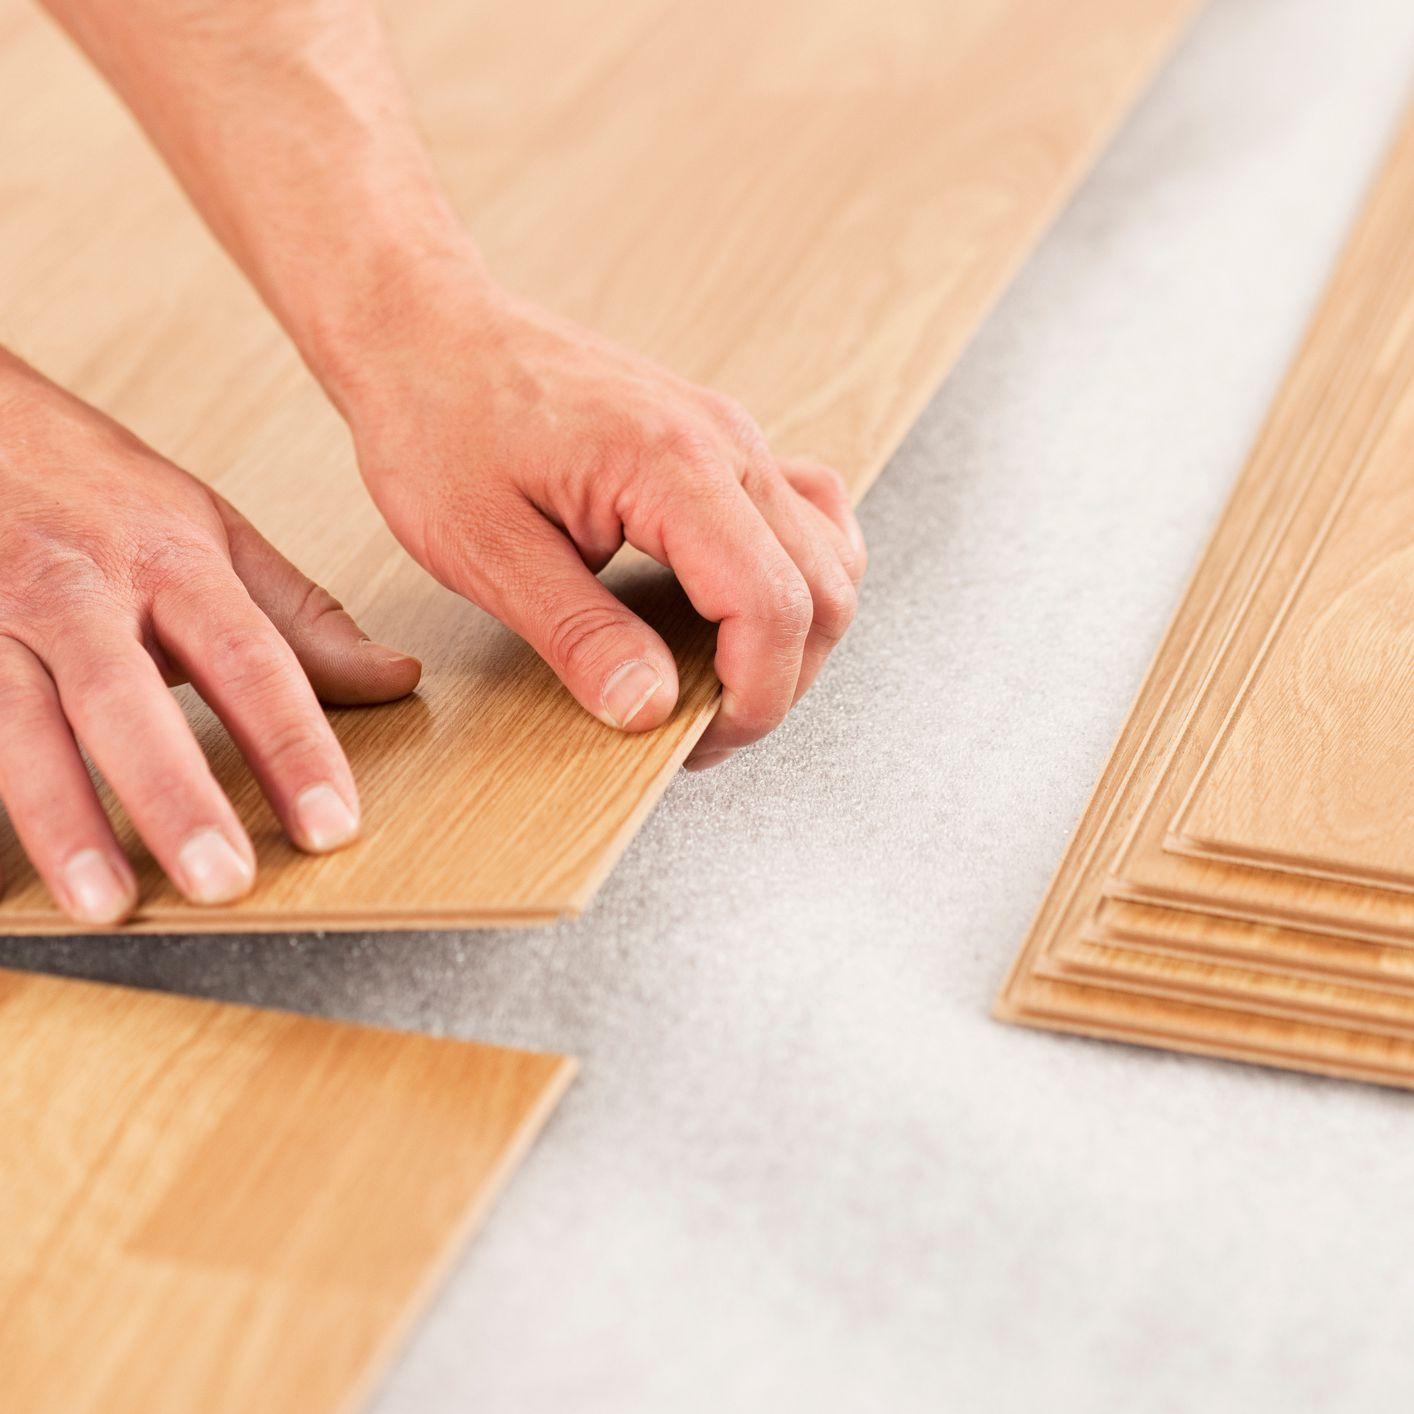 Tar Paper Under Laminate Flooring >> Laminate Underlayment Installation Basics